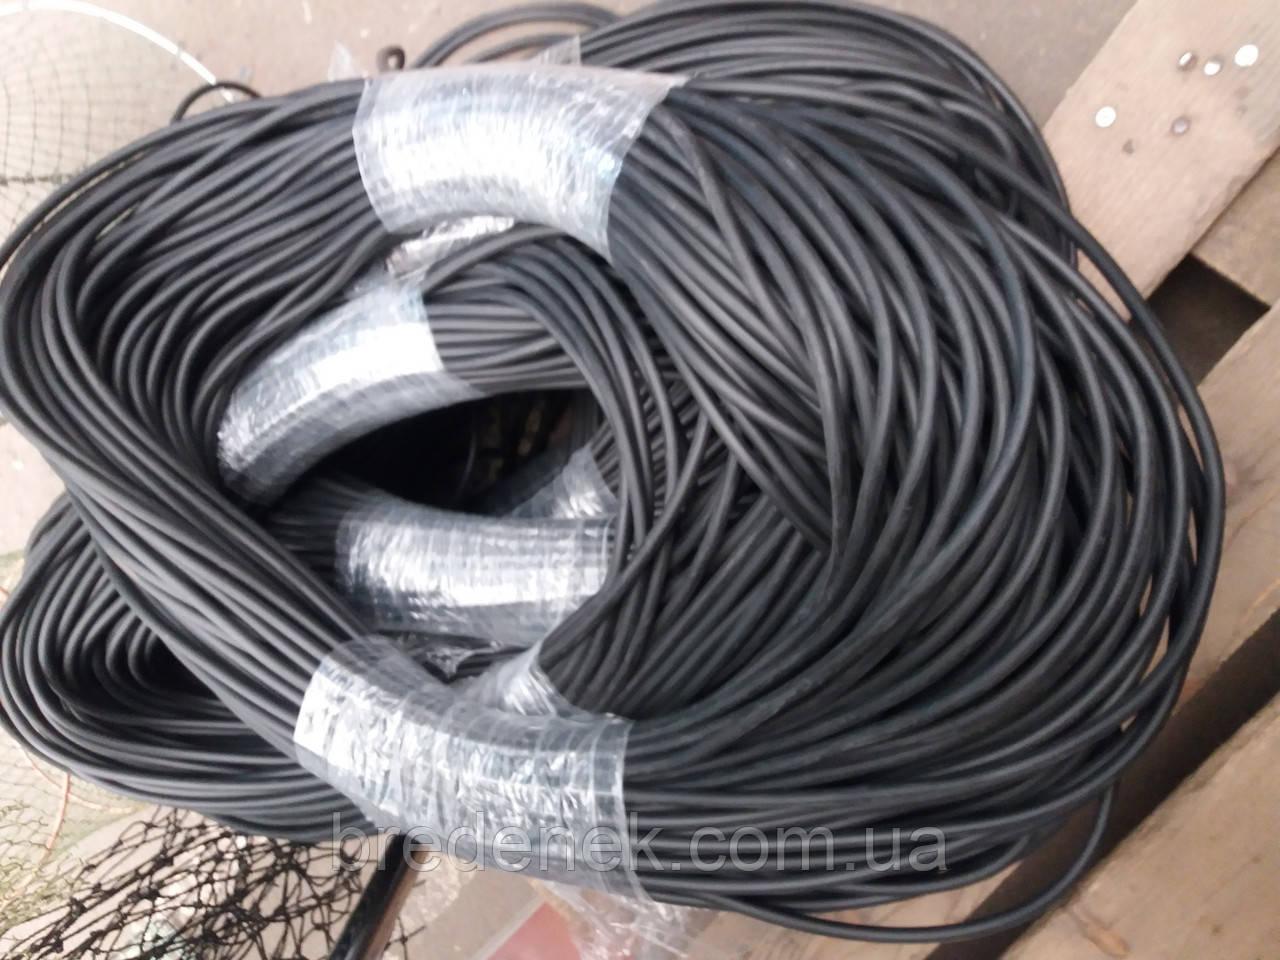 Шнур вантажний нижній гума 75 м вага 64 г/м діаметр 7 мм